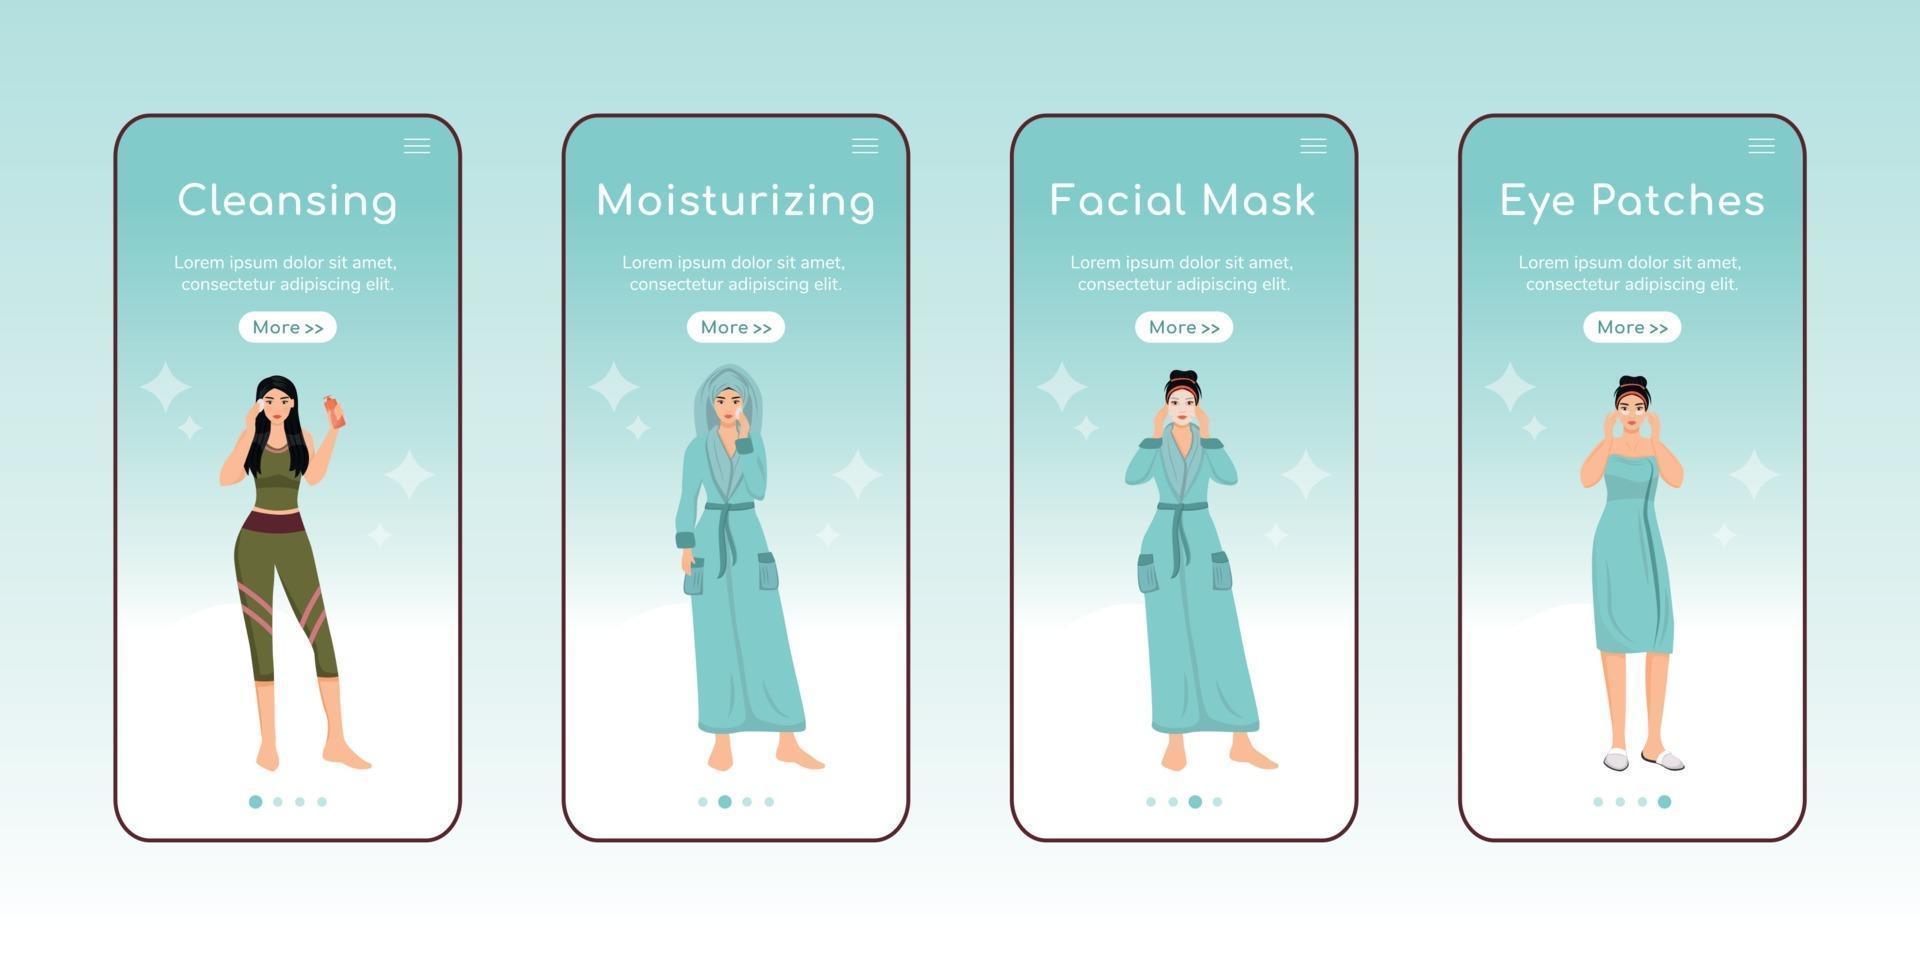 hudvård steg ombord mobilapp skärm platt vektor mall. ansiktsrengöring och återfuktande. genomgång av webbplatssteg med karaktärer. ux, ui, gui smartphone tecknad gränssnitt, set utskrifter